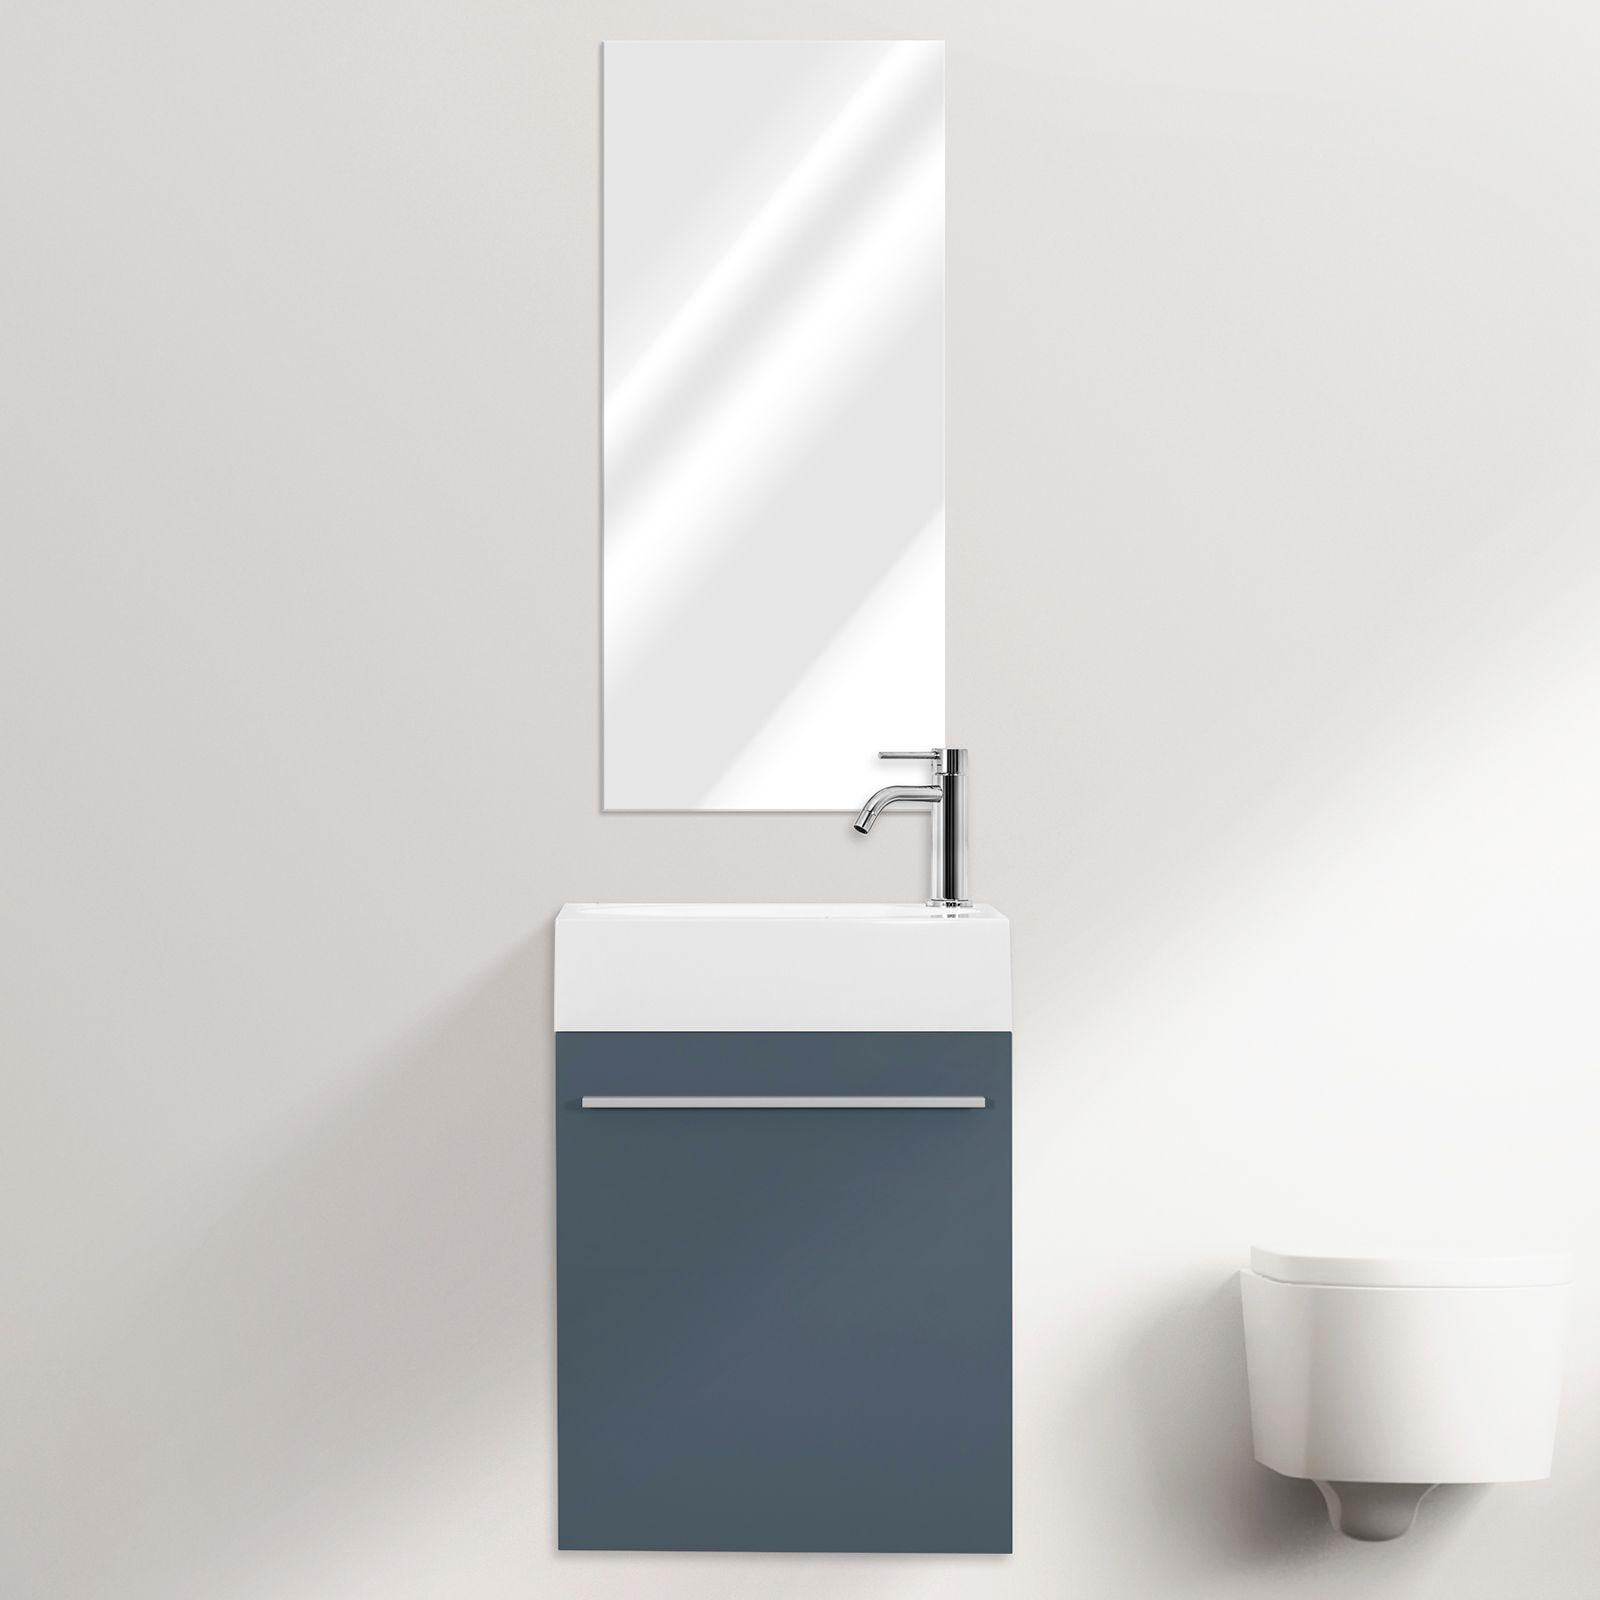 Mobile bagno sospeso karma cm 46 specchiera bianco grigio - Bagno moderno grigio ...